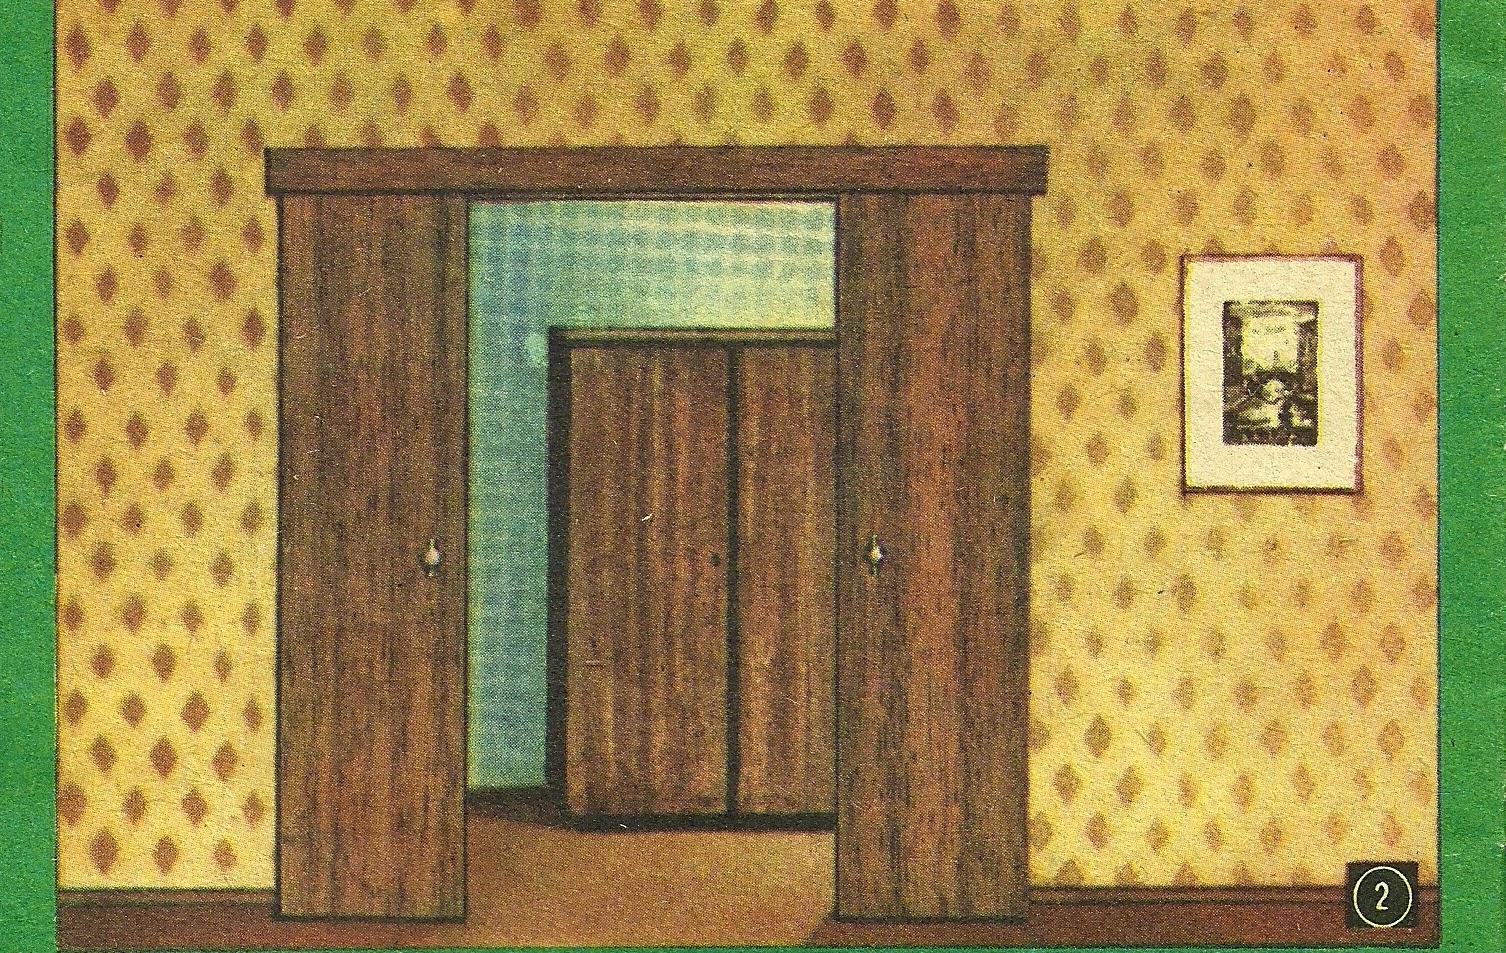 Так выглядит раздвижная дверь, сделанная самостоятельно